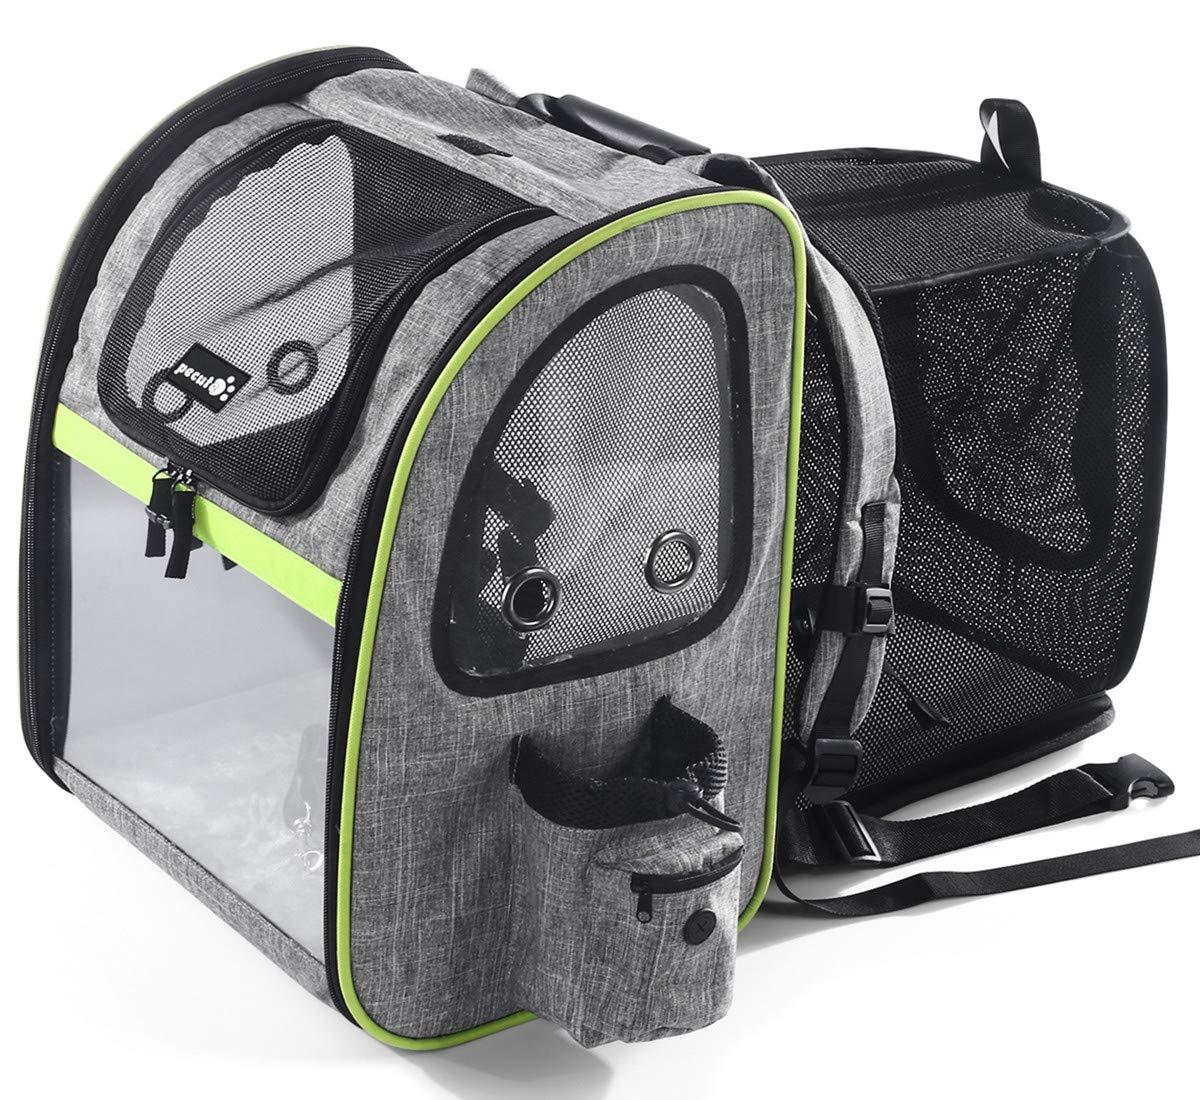 Pecute Transportin Gato Mochilas para Gatos y Perro Bolsa para Mascotas Expandible y Plegable, Carga Máxima 15 kg, para Viajar en Tren/automóvil/Restaurante/avión, Gris (Gris, Ventana Transparente): Amazon.es: Productos para mascotas